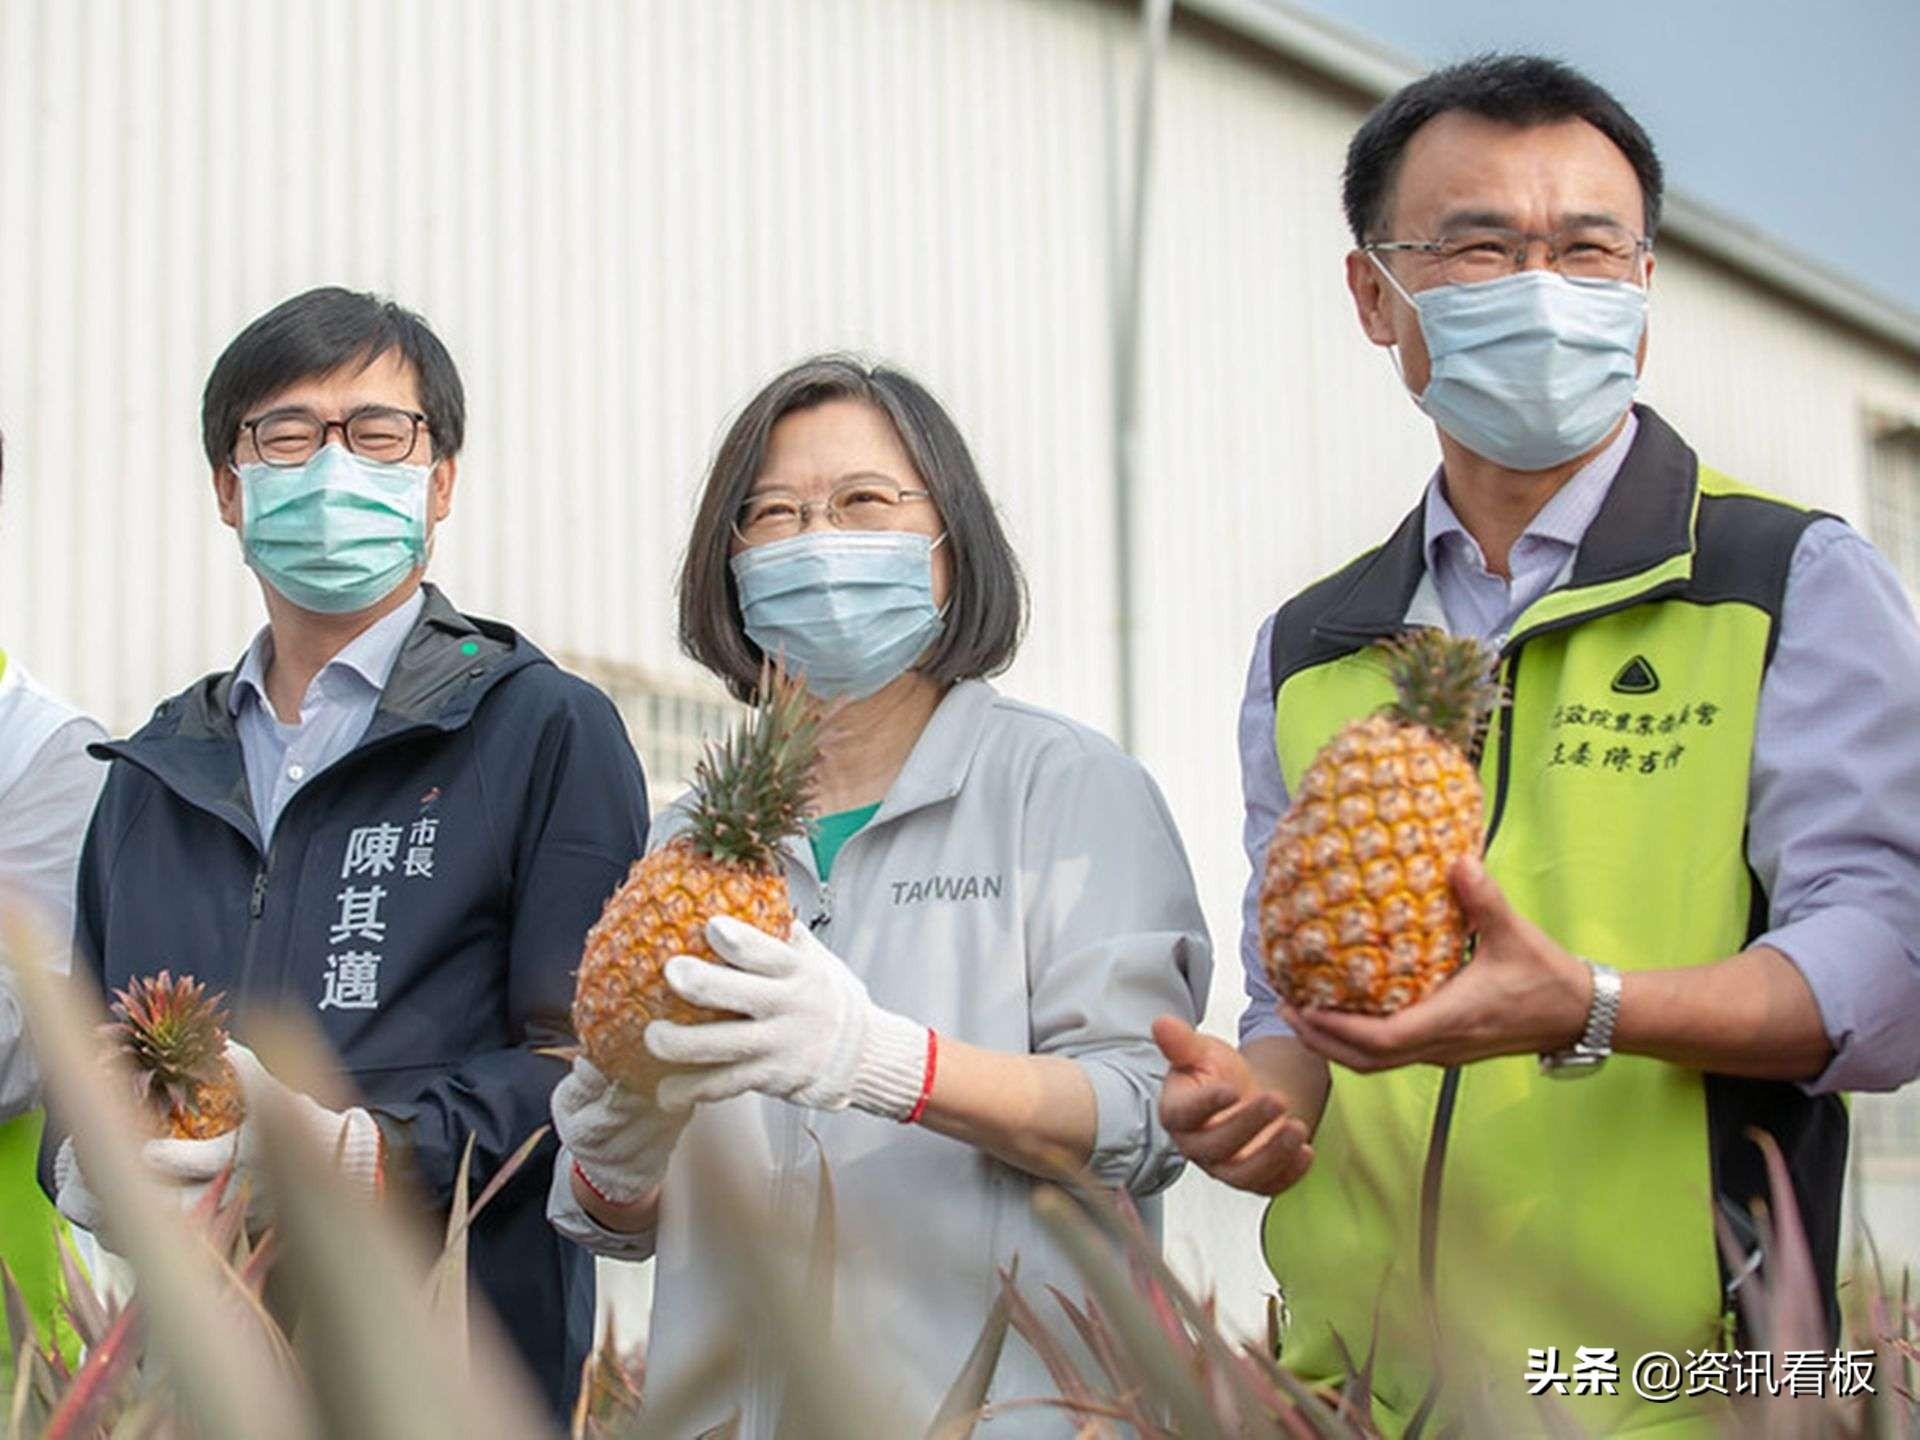 6吨凤梨订单已敲定,台湾士气大振:当初买的200瓶澳大利亚红酒有回报了